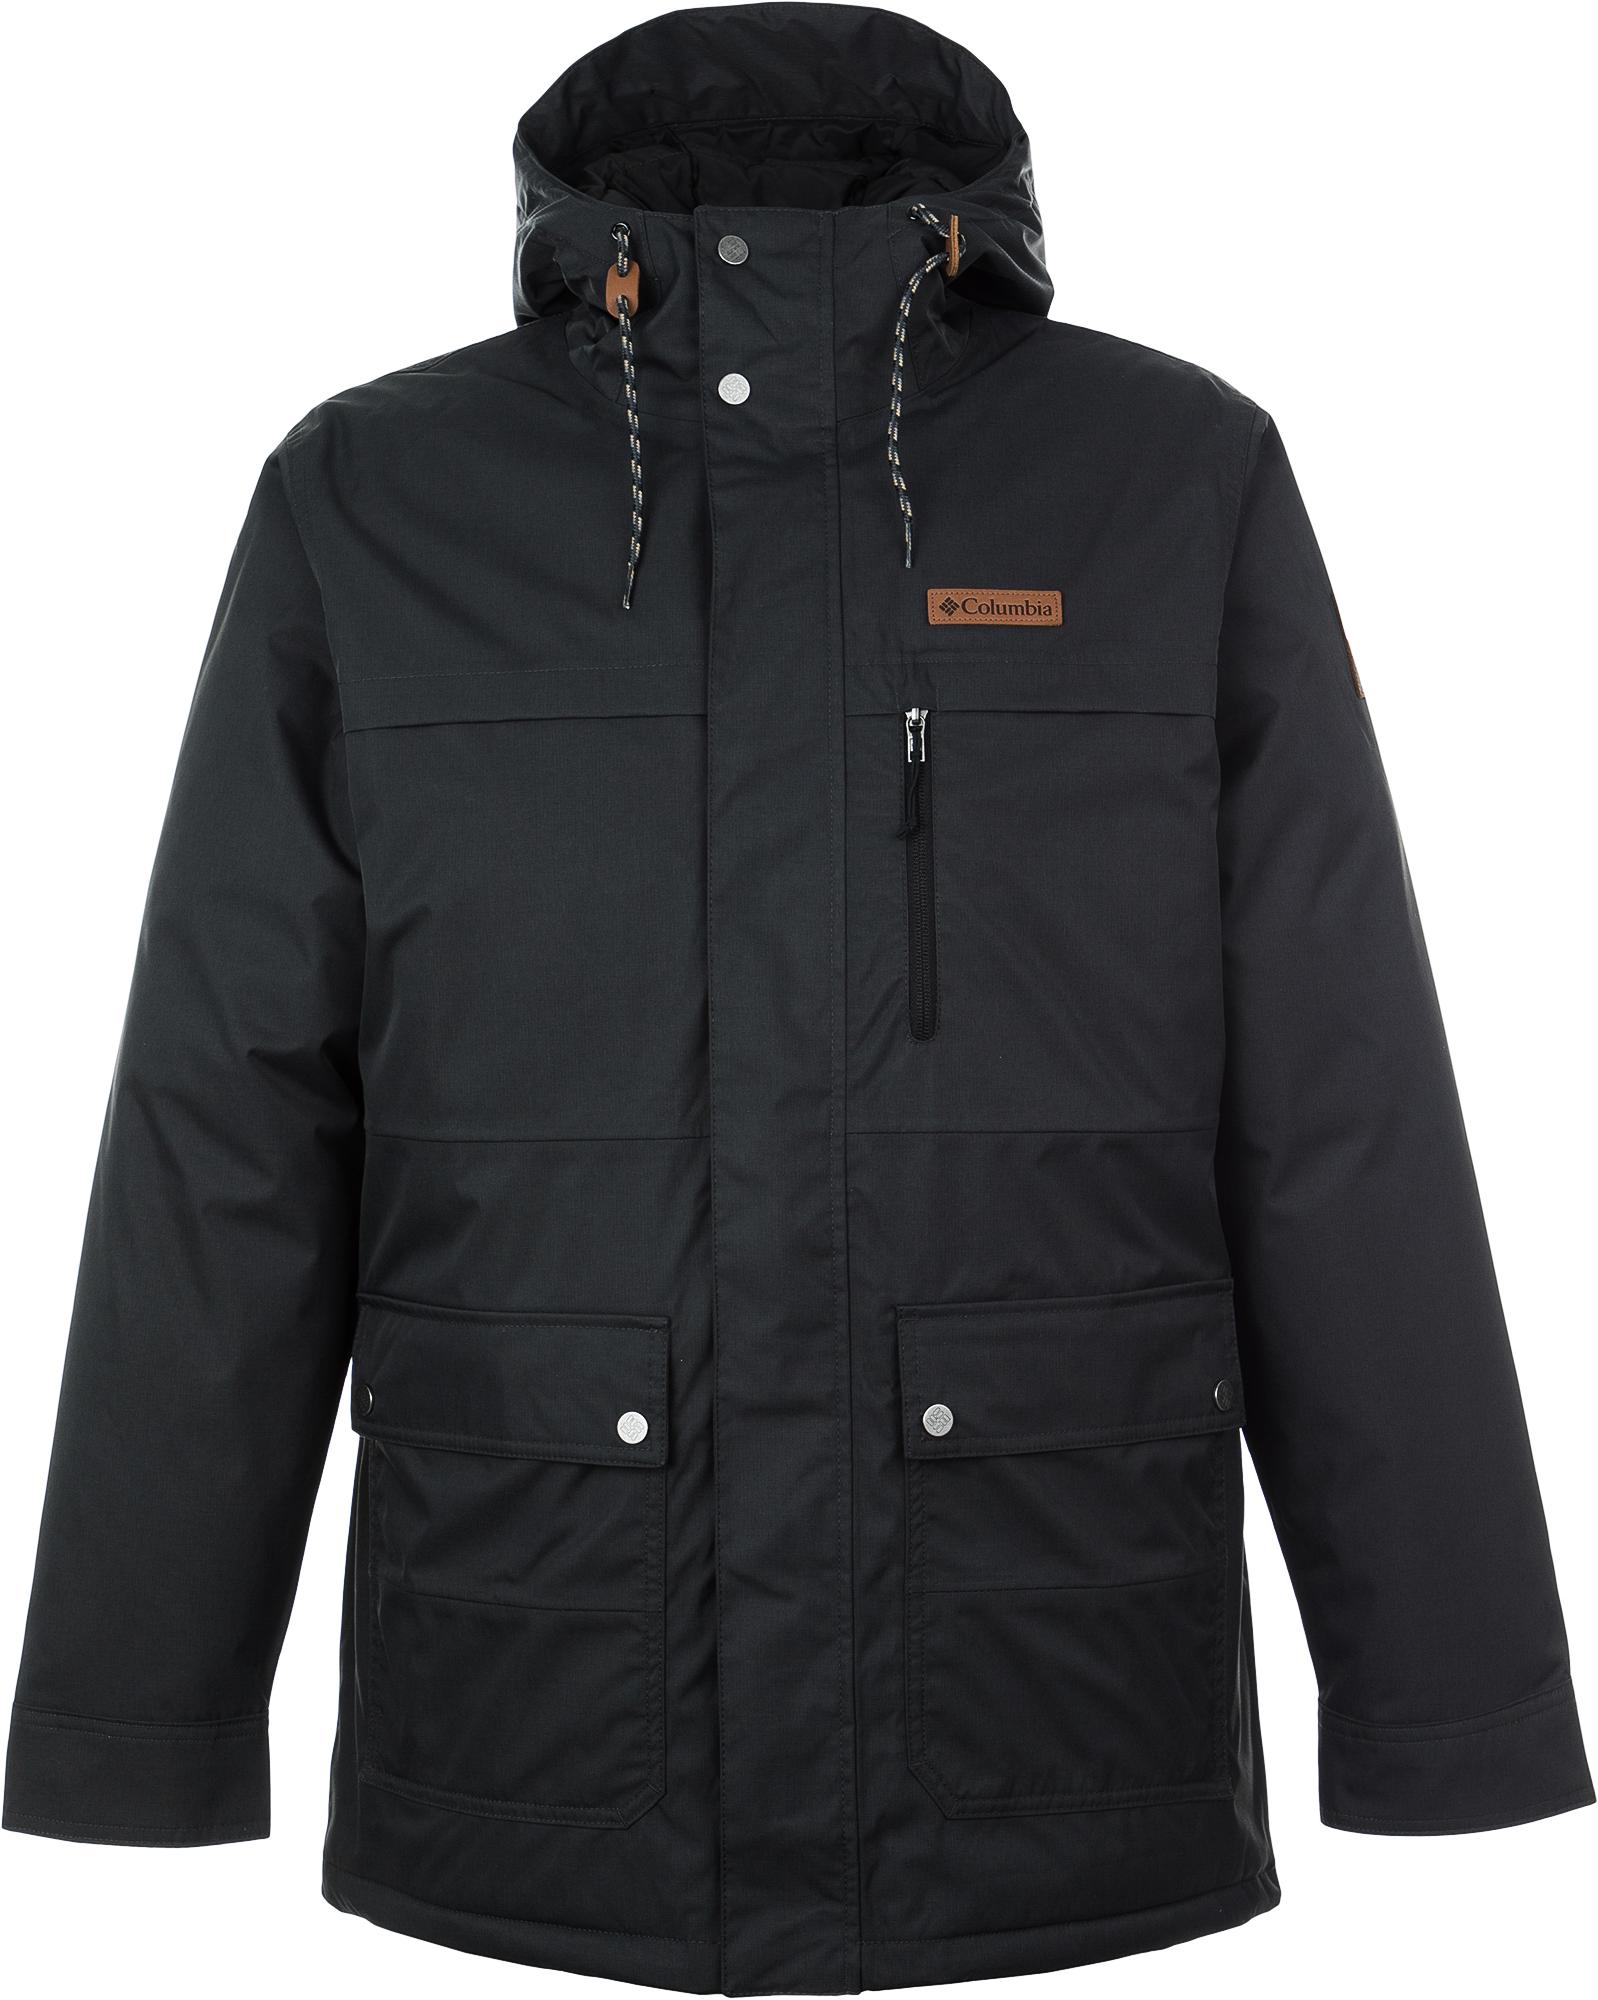 Фото - Columbia Куртка утепленная мужская Columbia Norton Bay, размер 56 куртка утепленная columbia columbia co214emgevw0